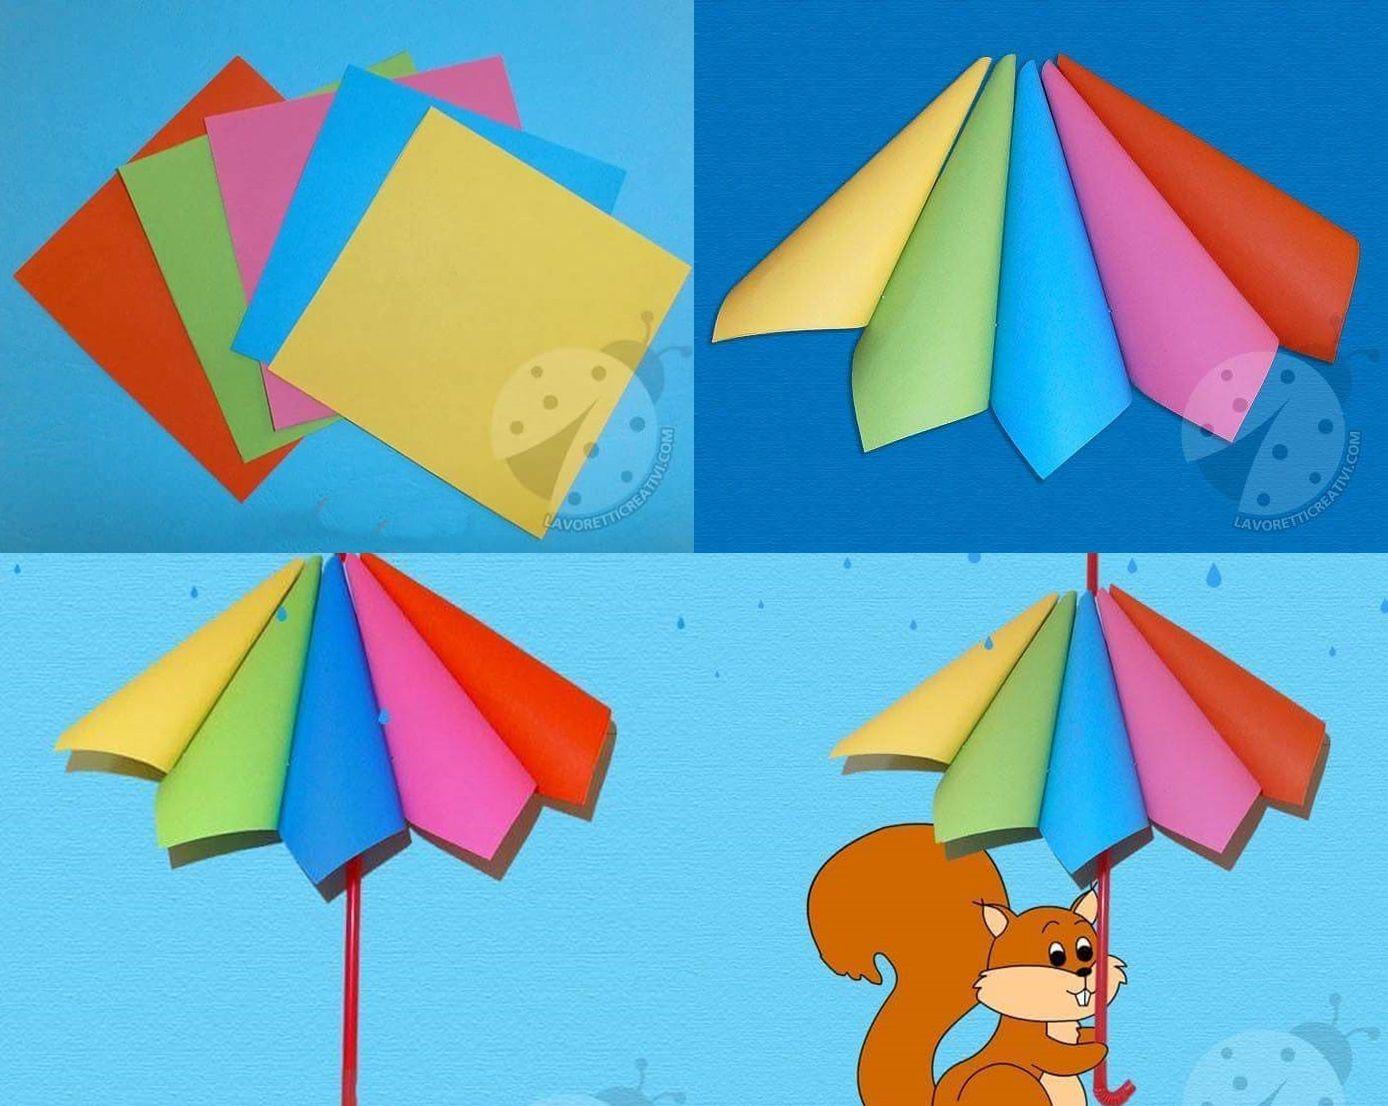 Resultats De Recherche D Images Pour Craft Umbrella Kids